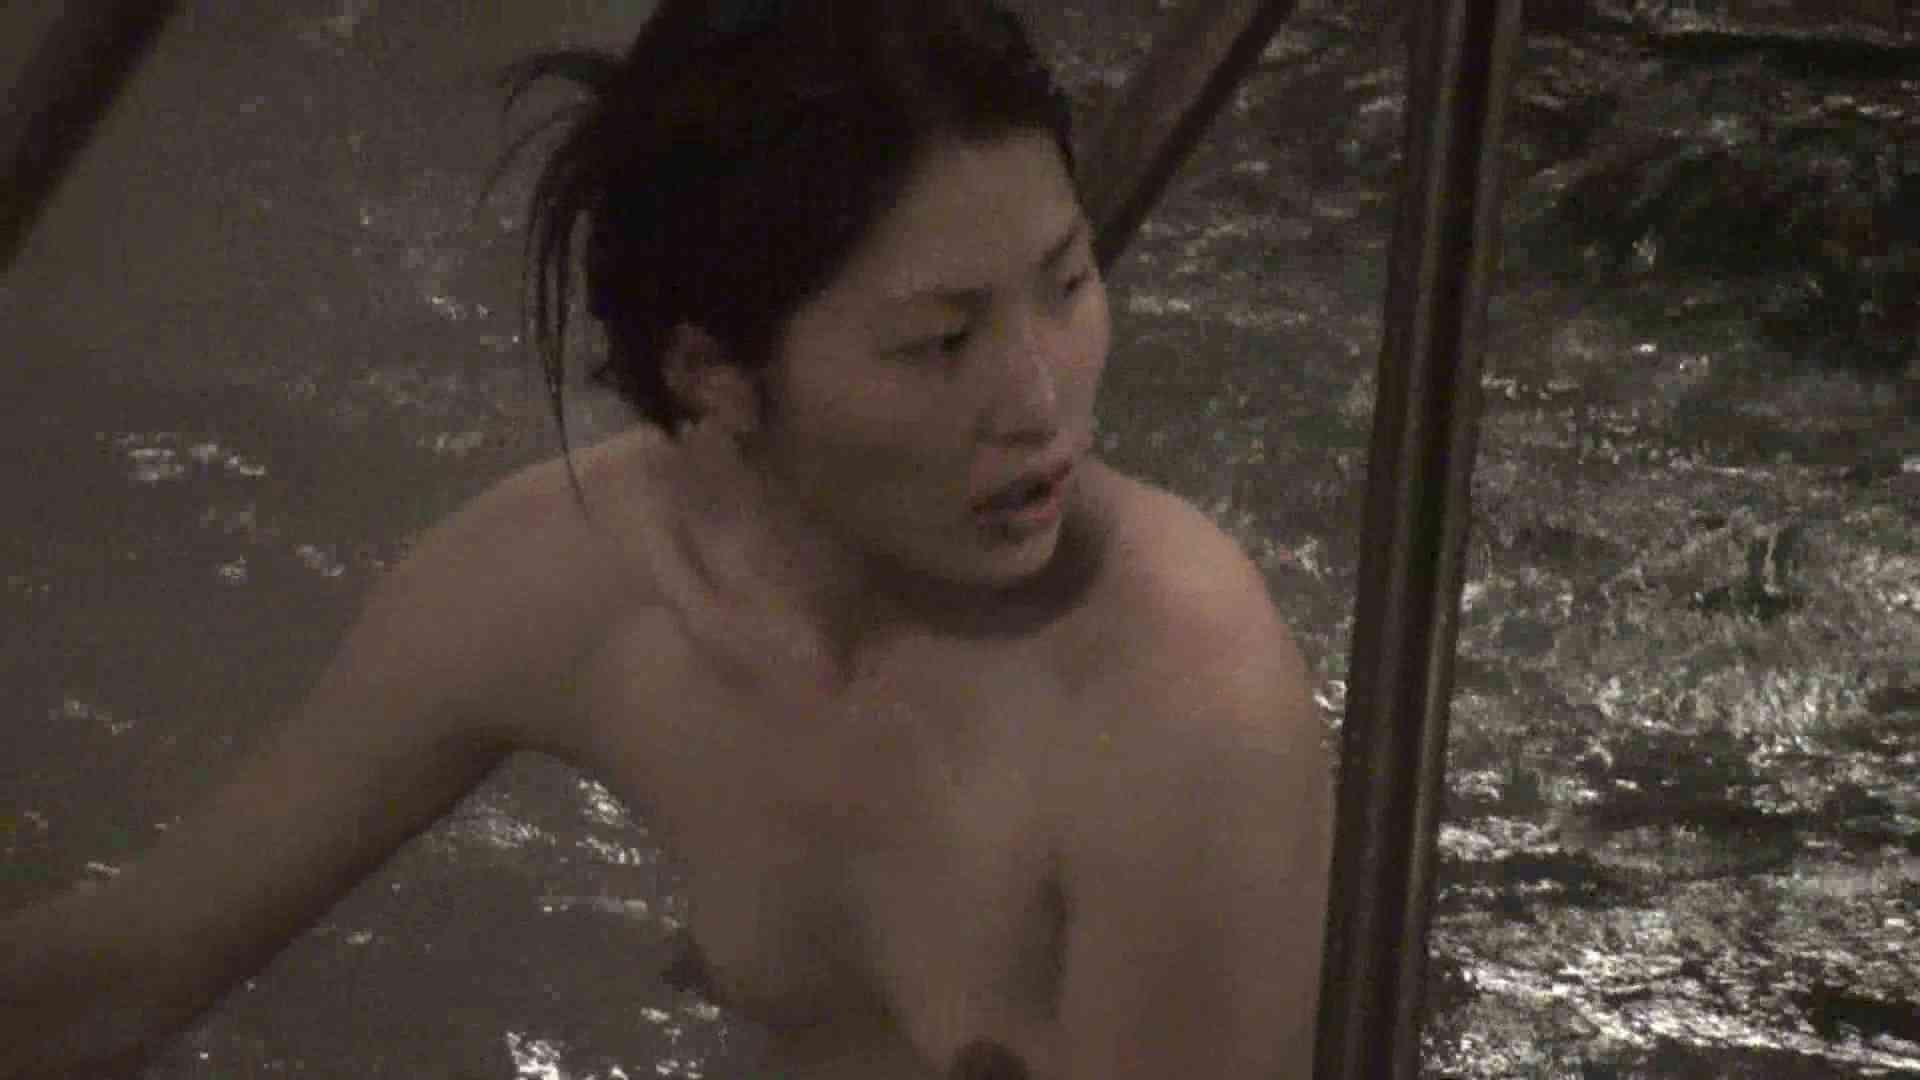 Aquaな露天風呂Vol.406 美しいOLの裸体 | 盗撮師作品  71pic 28